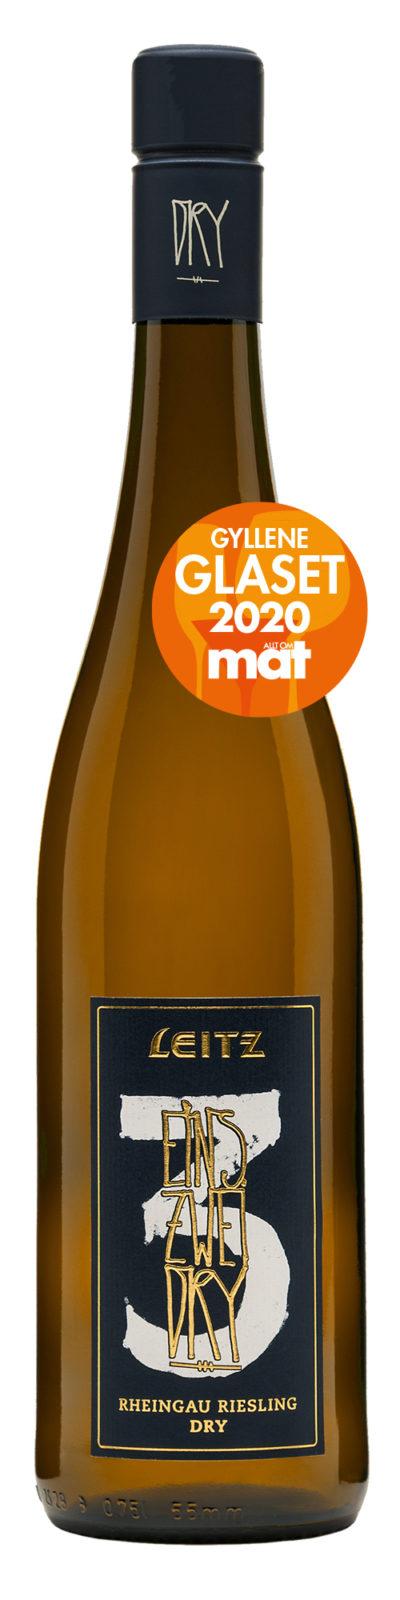 Leitz Eins Zwei Dry - Gyllene Glaset 2020